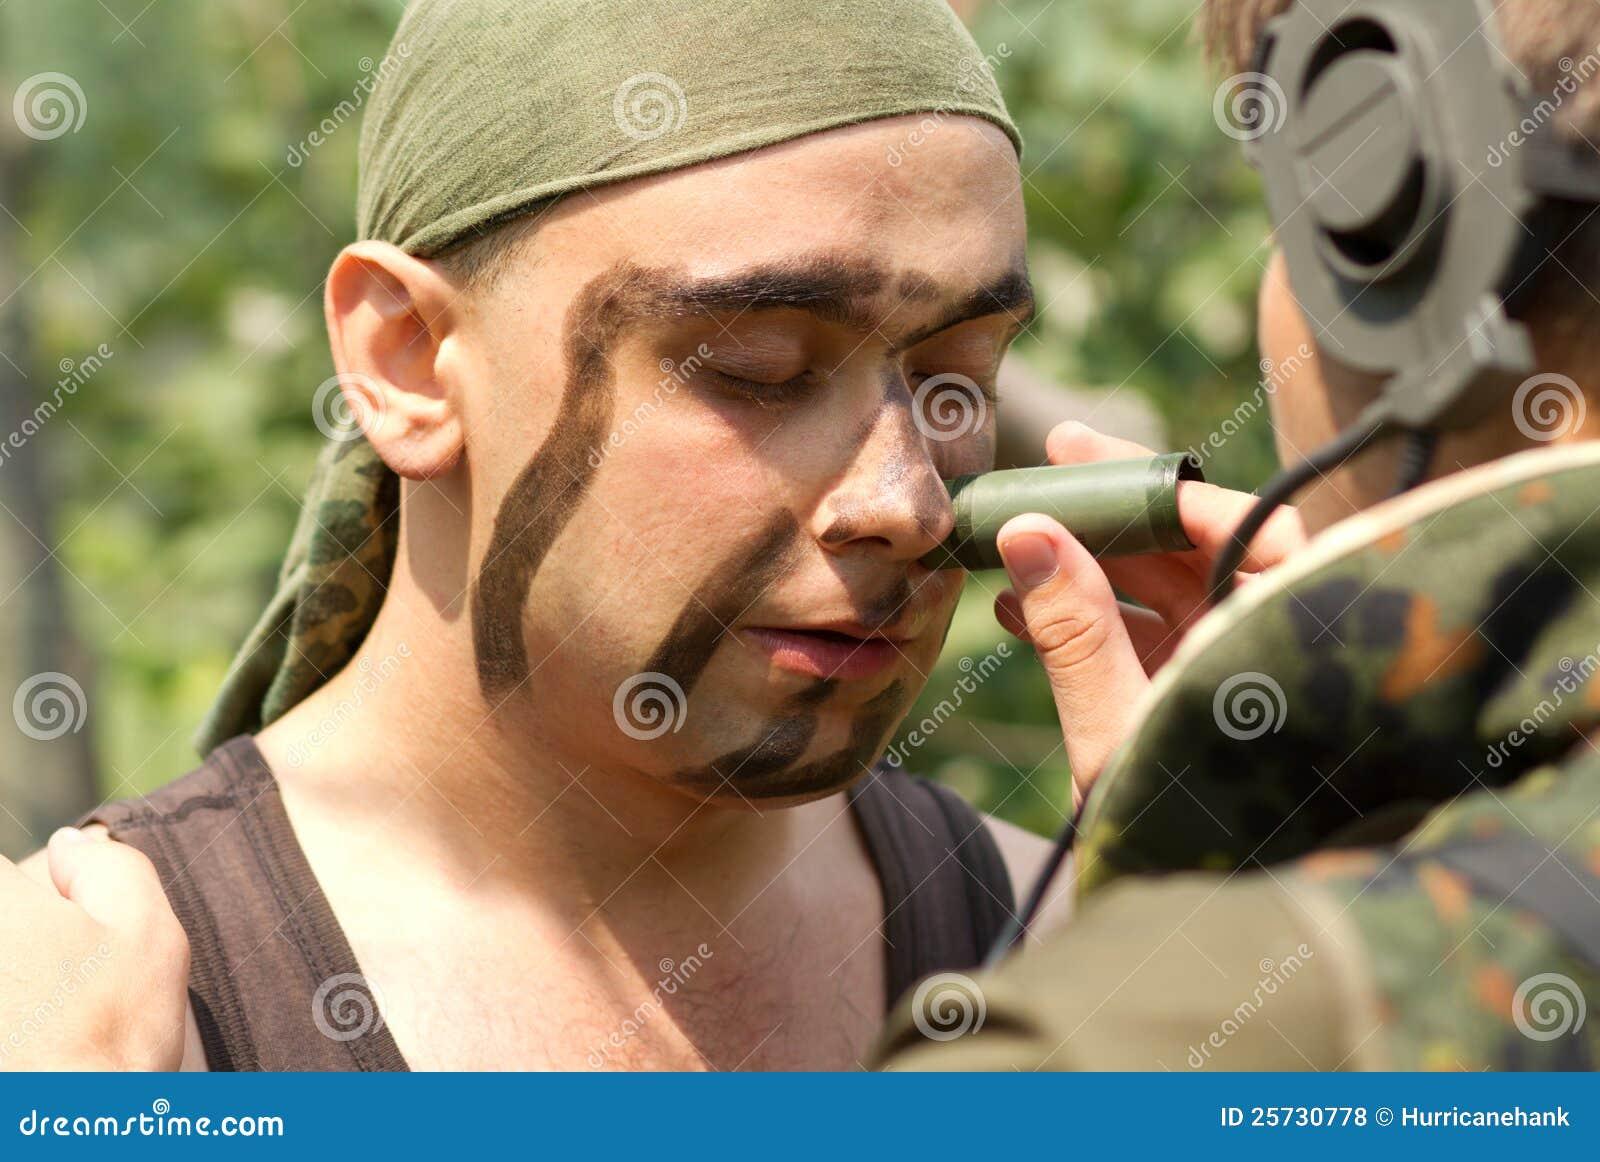 Soldats mettant sur la peinture de visage photo stock image du jour homme 25730778 - Peinture sur visage ...